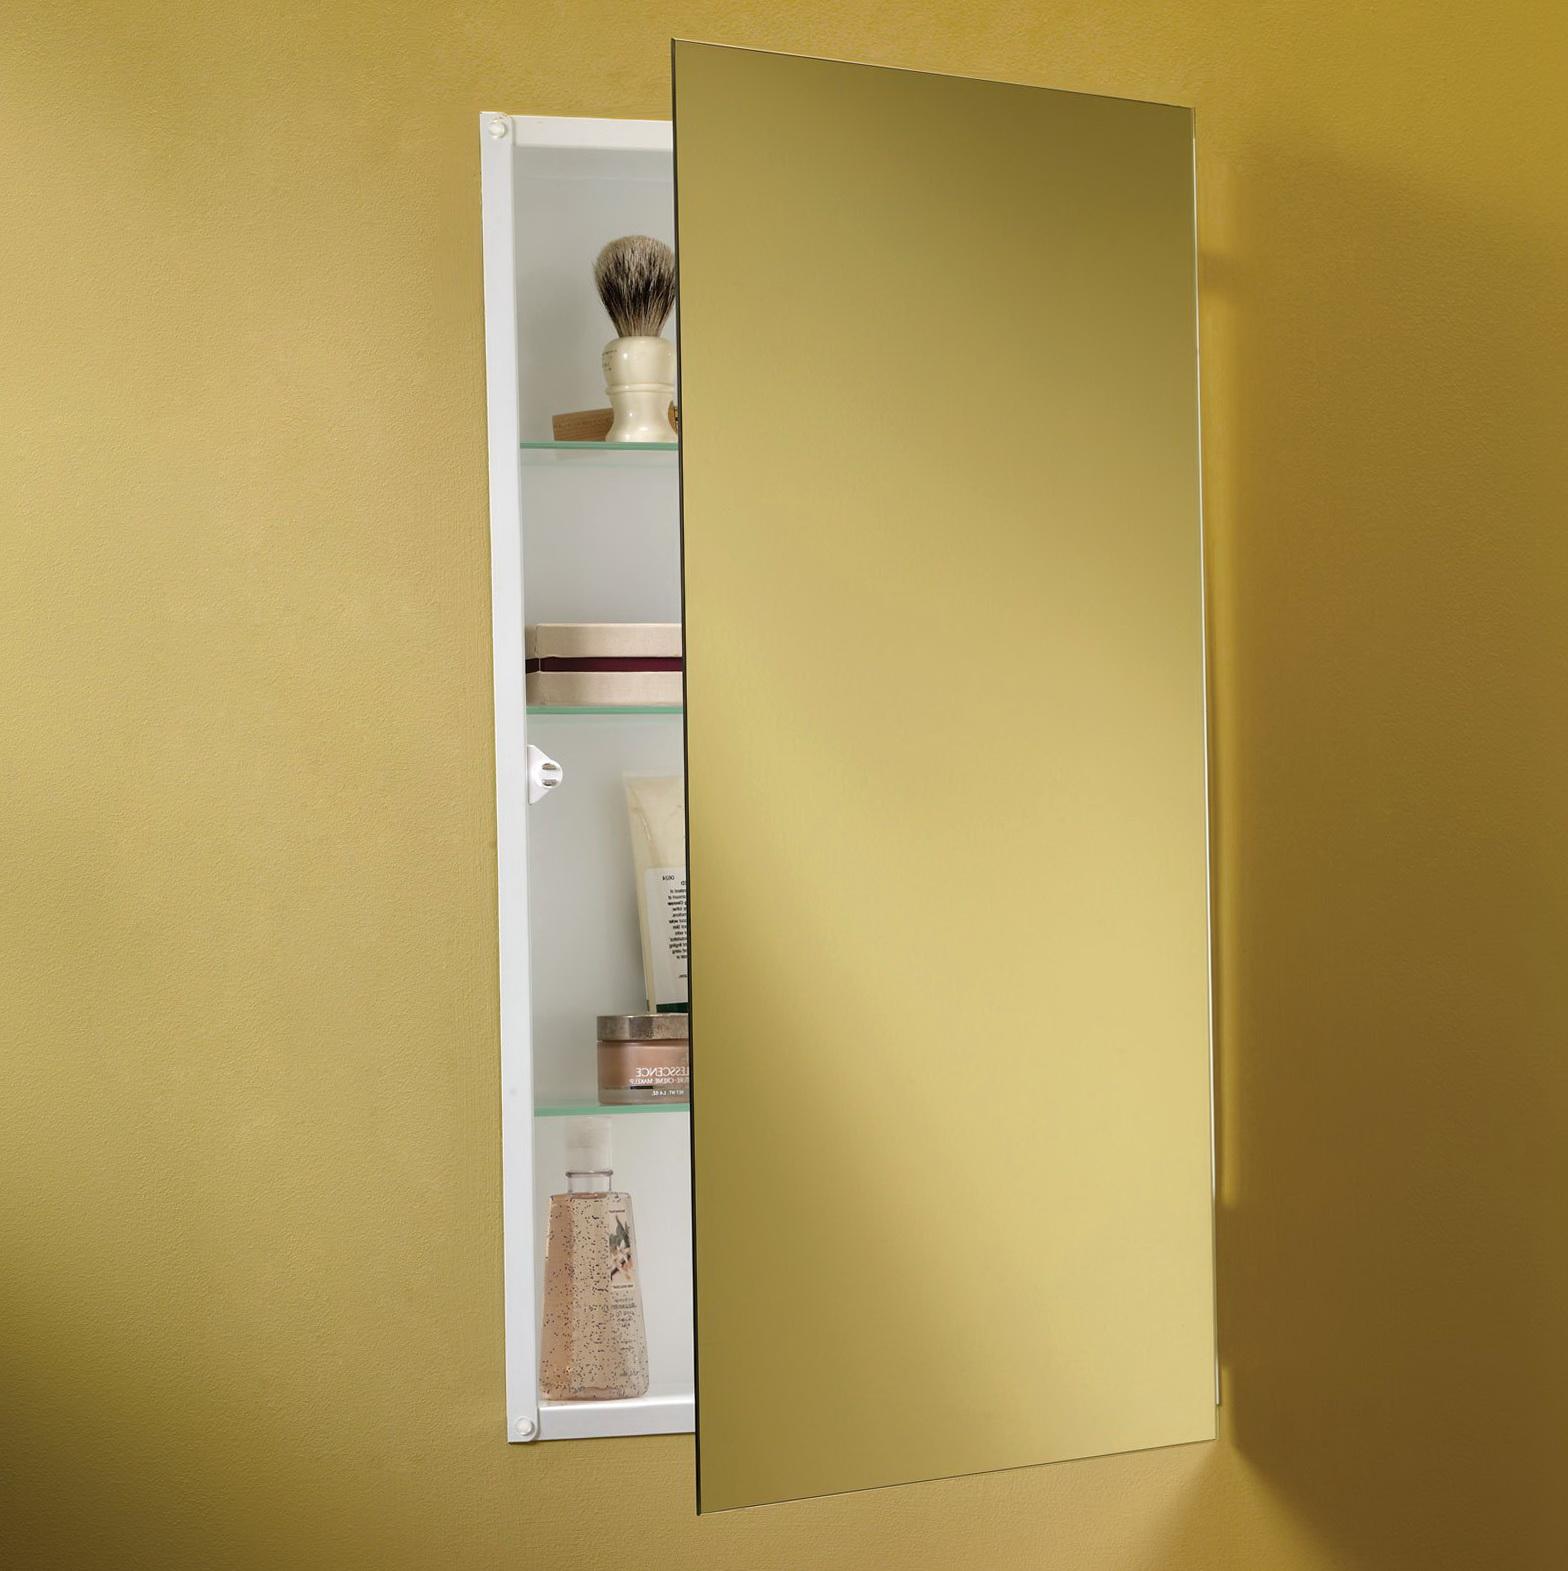 Broan Nutone Medicine Cabinets Reviews